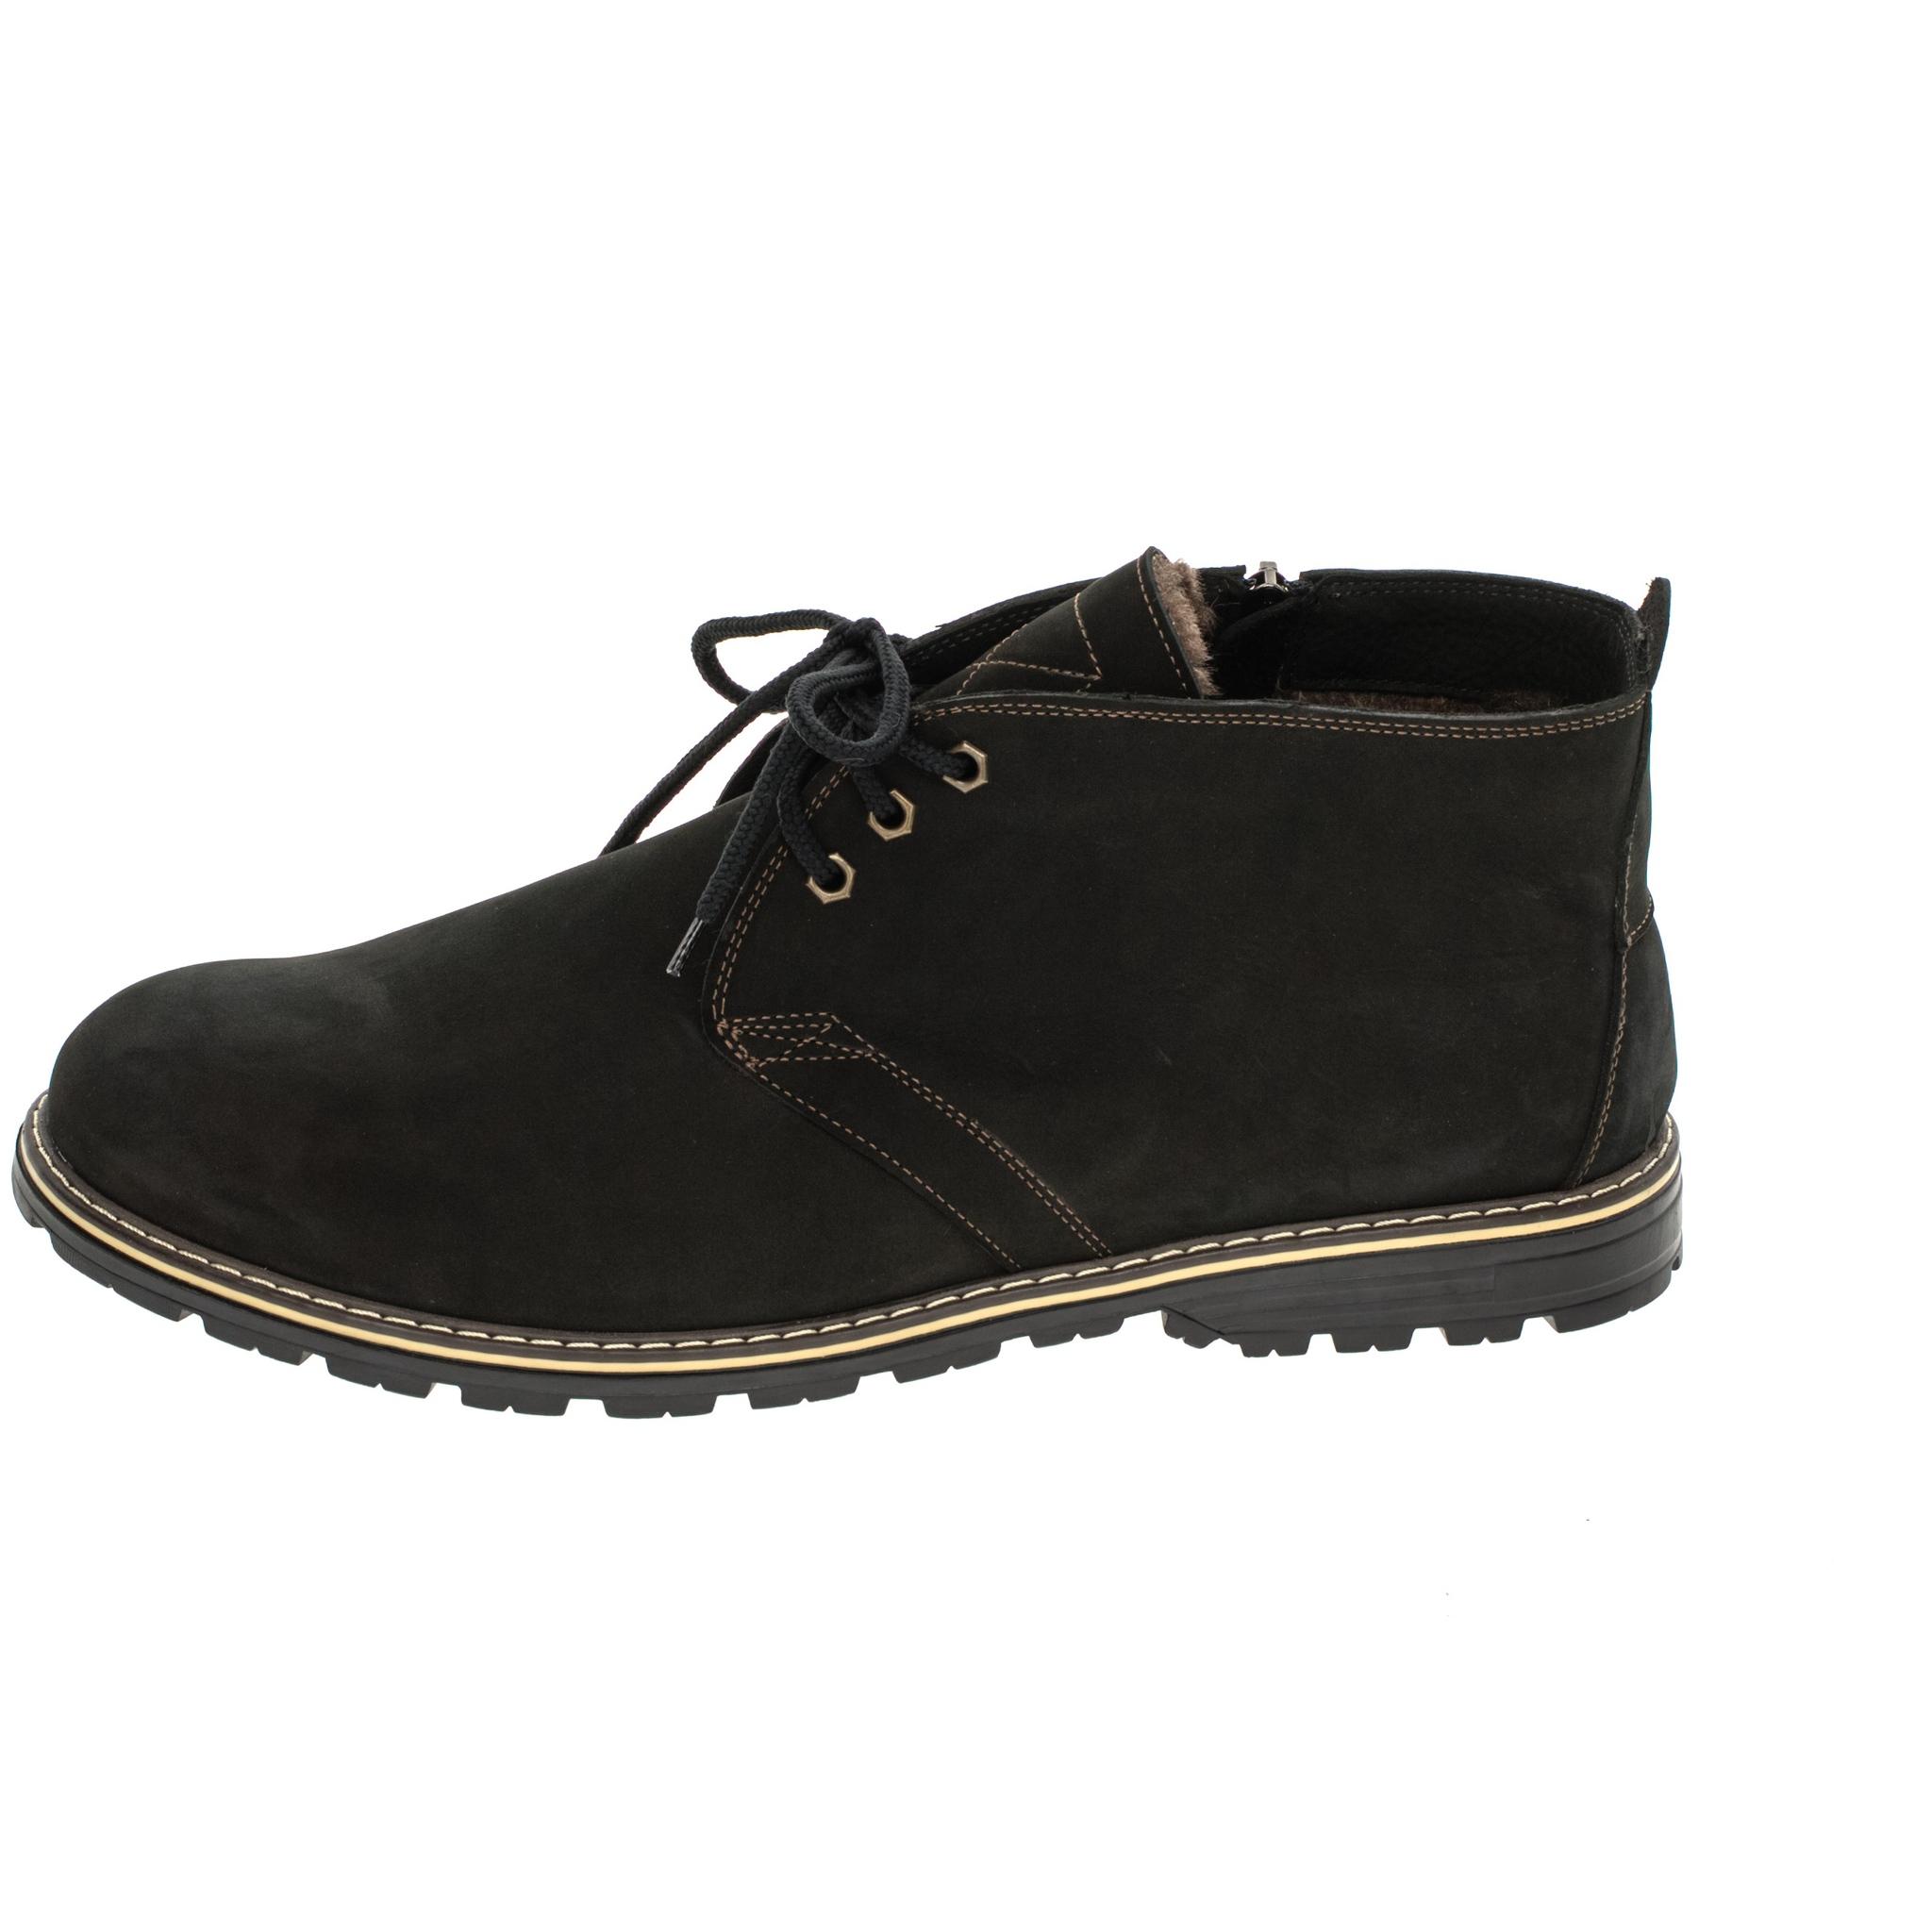 565483 ботинки мужские черные больших размеров марки Делфино